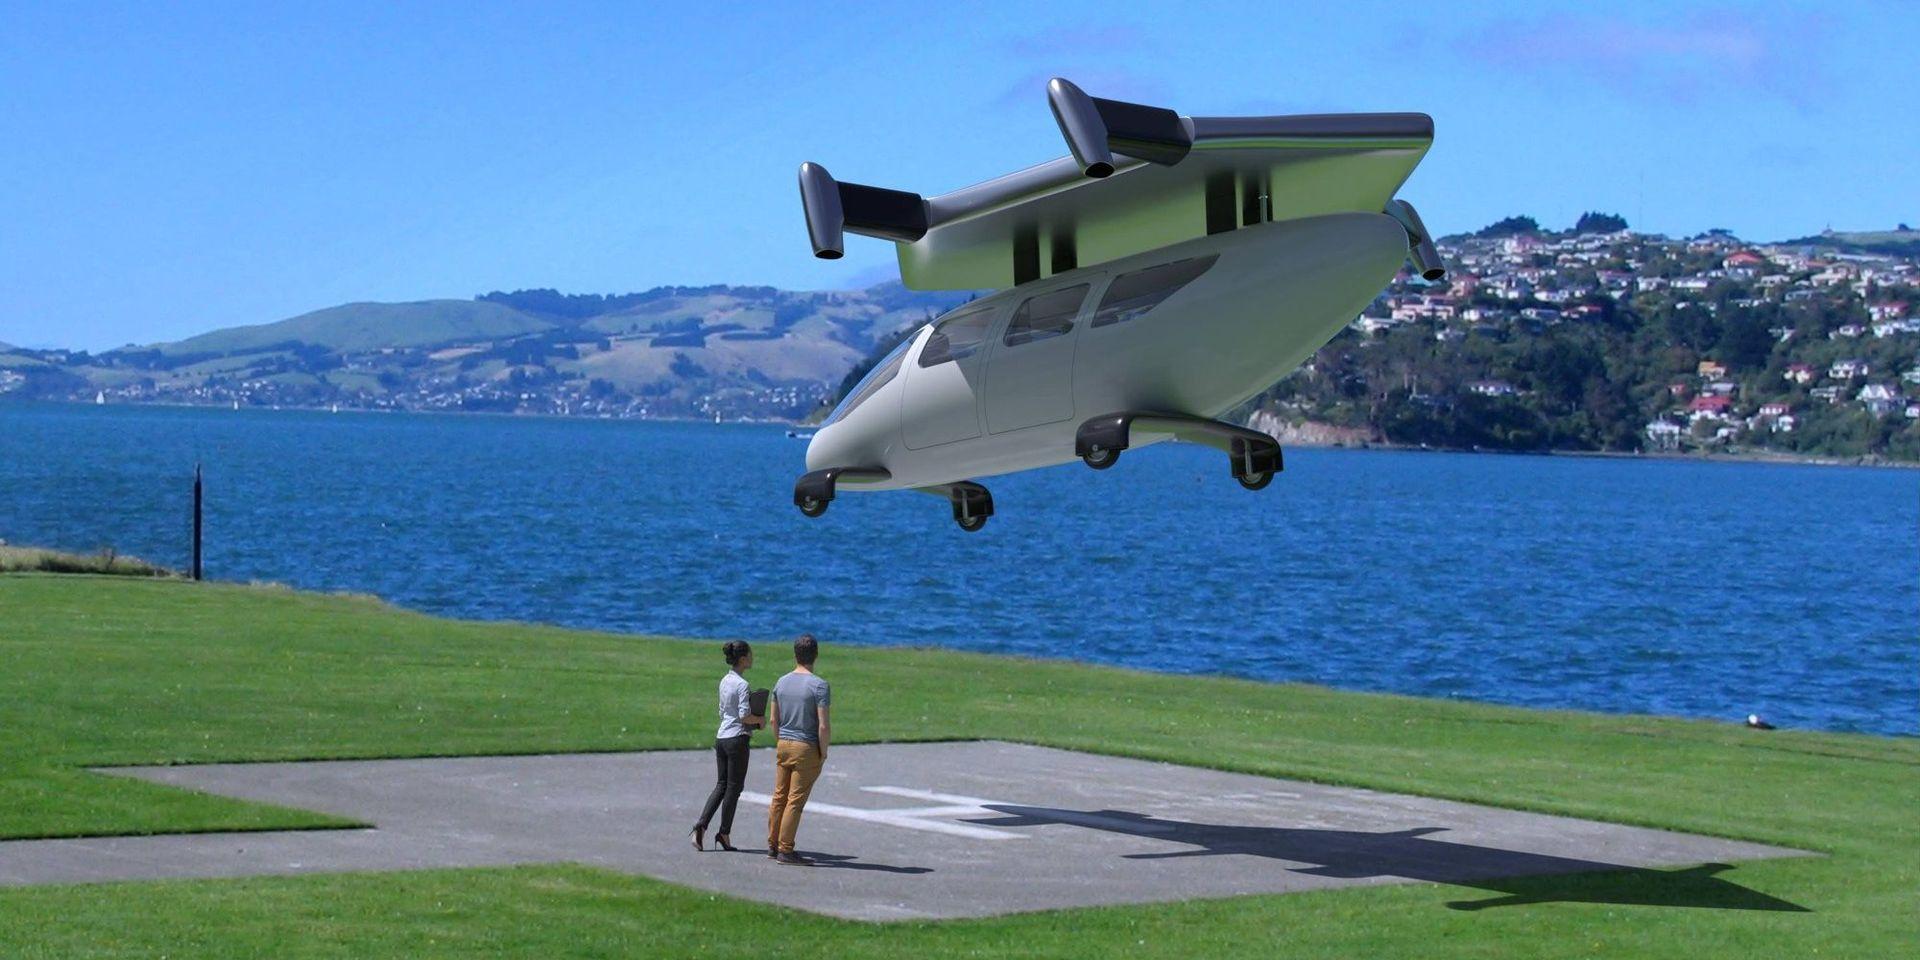 JETcopter är ett nytt VTOL-plan från Tyskland